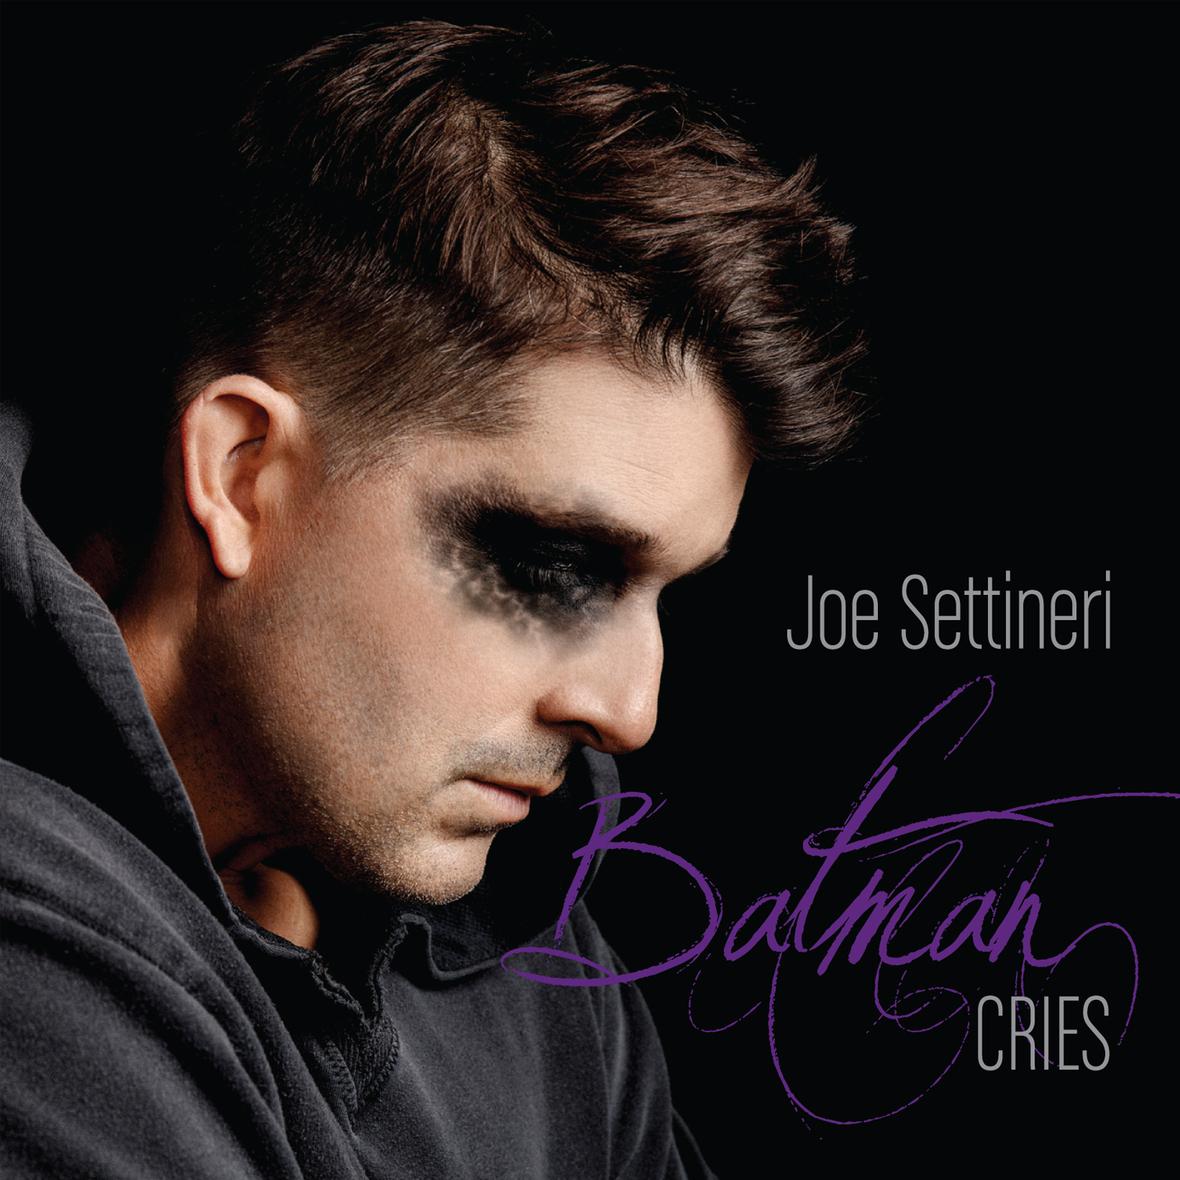 Joe S Batmann 1500x1500